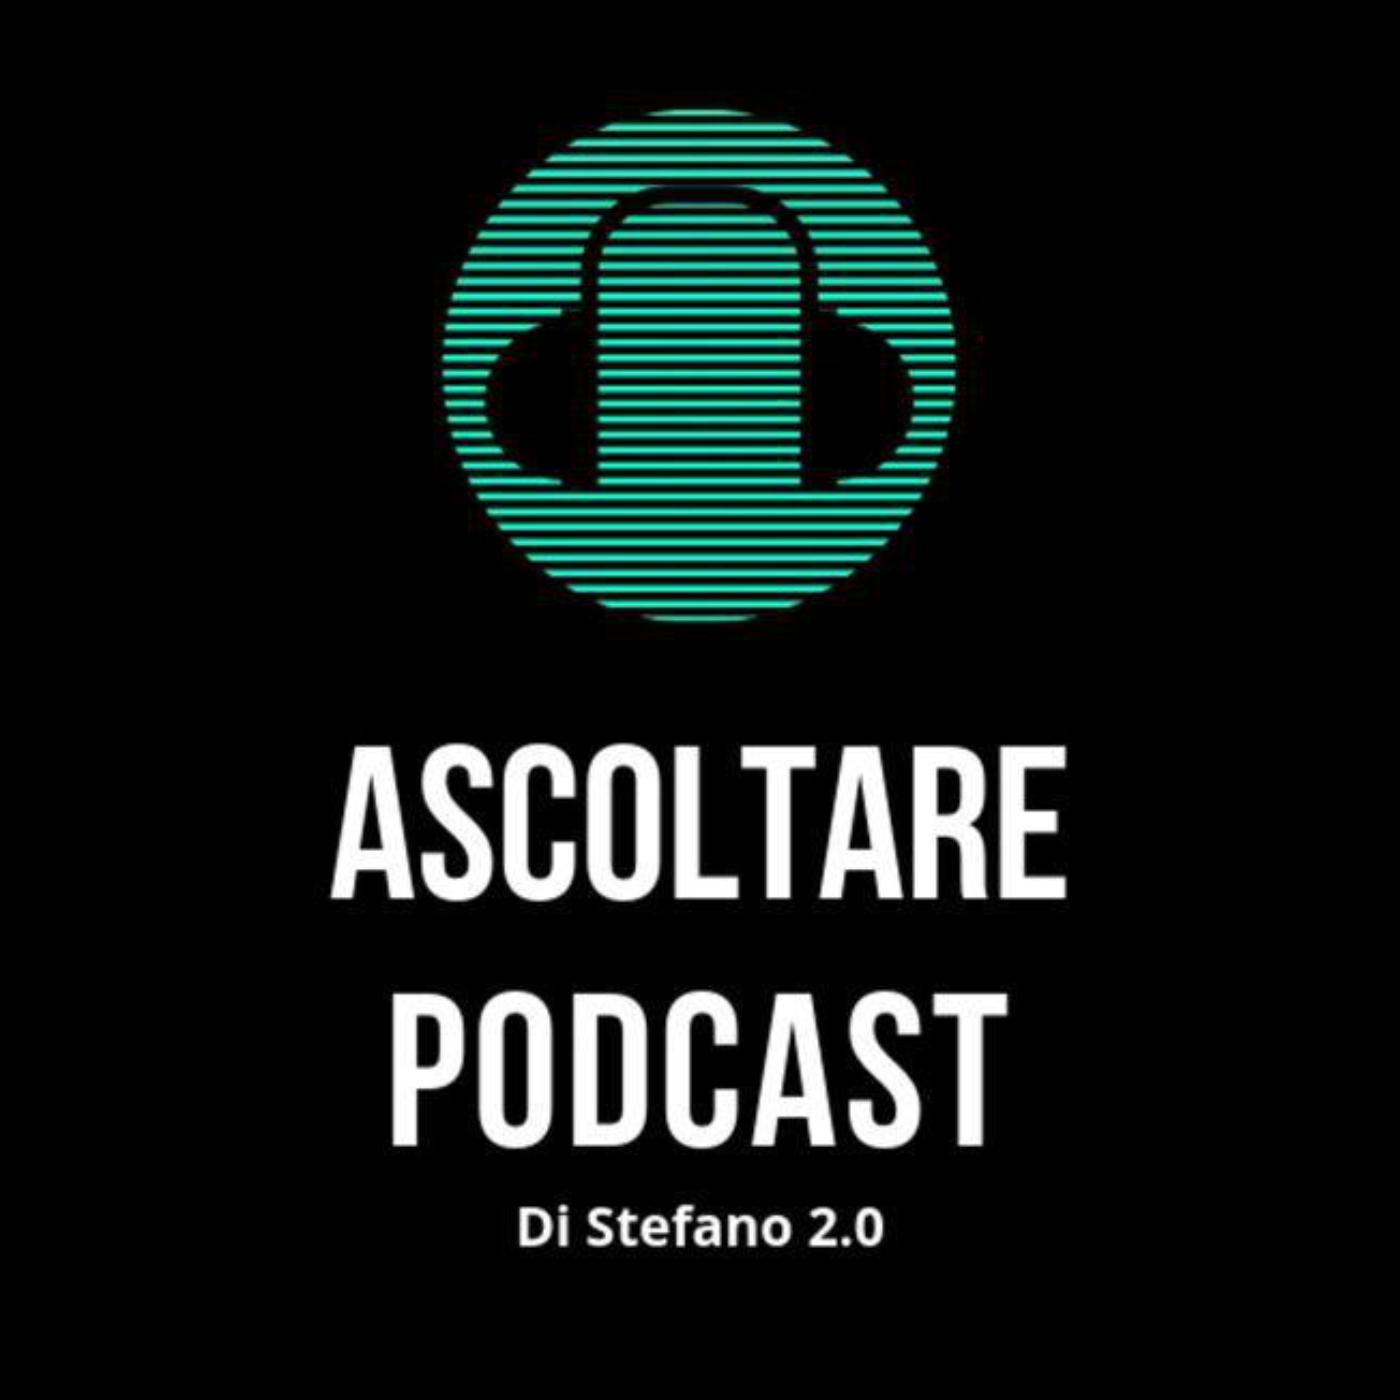 Inventarsi un lavoro con Priel Korenfeld - Ascoltare Podcast